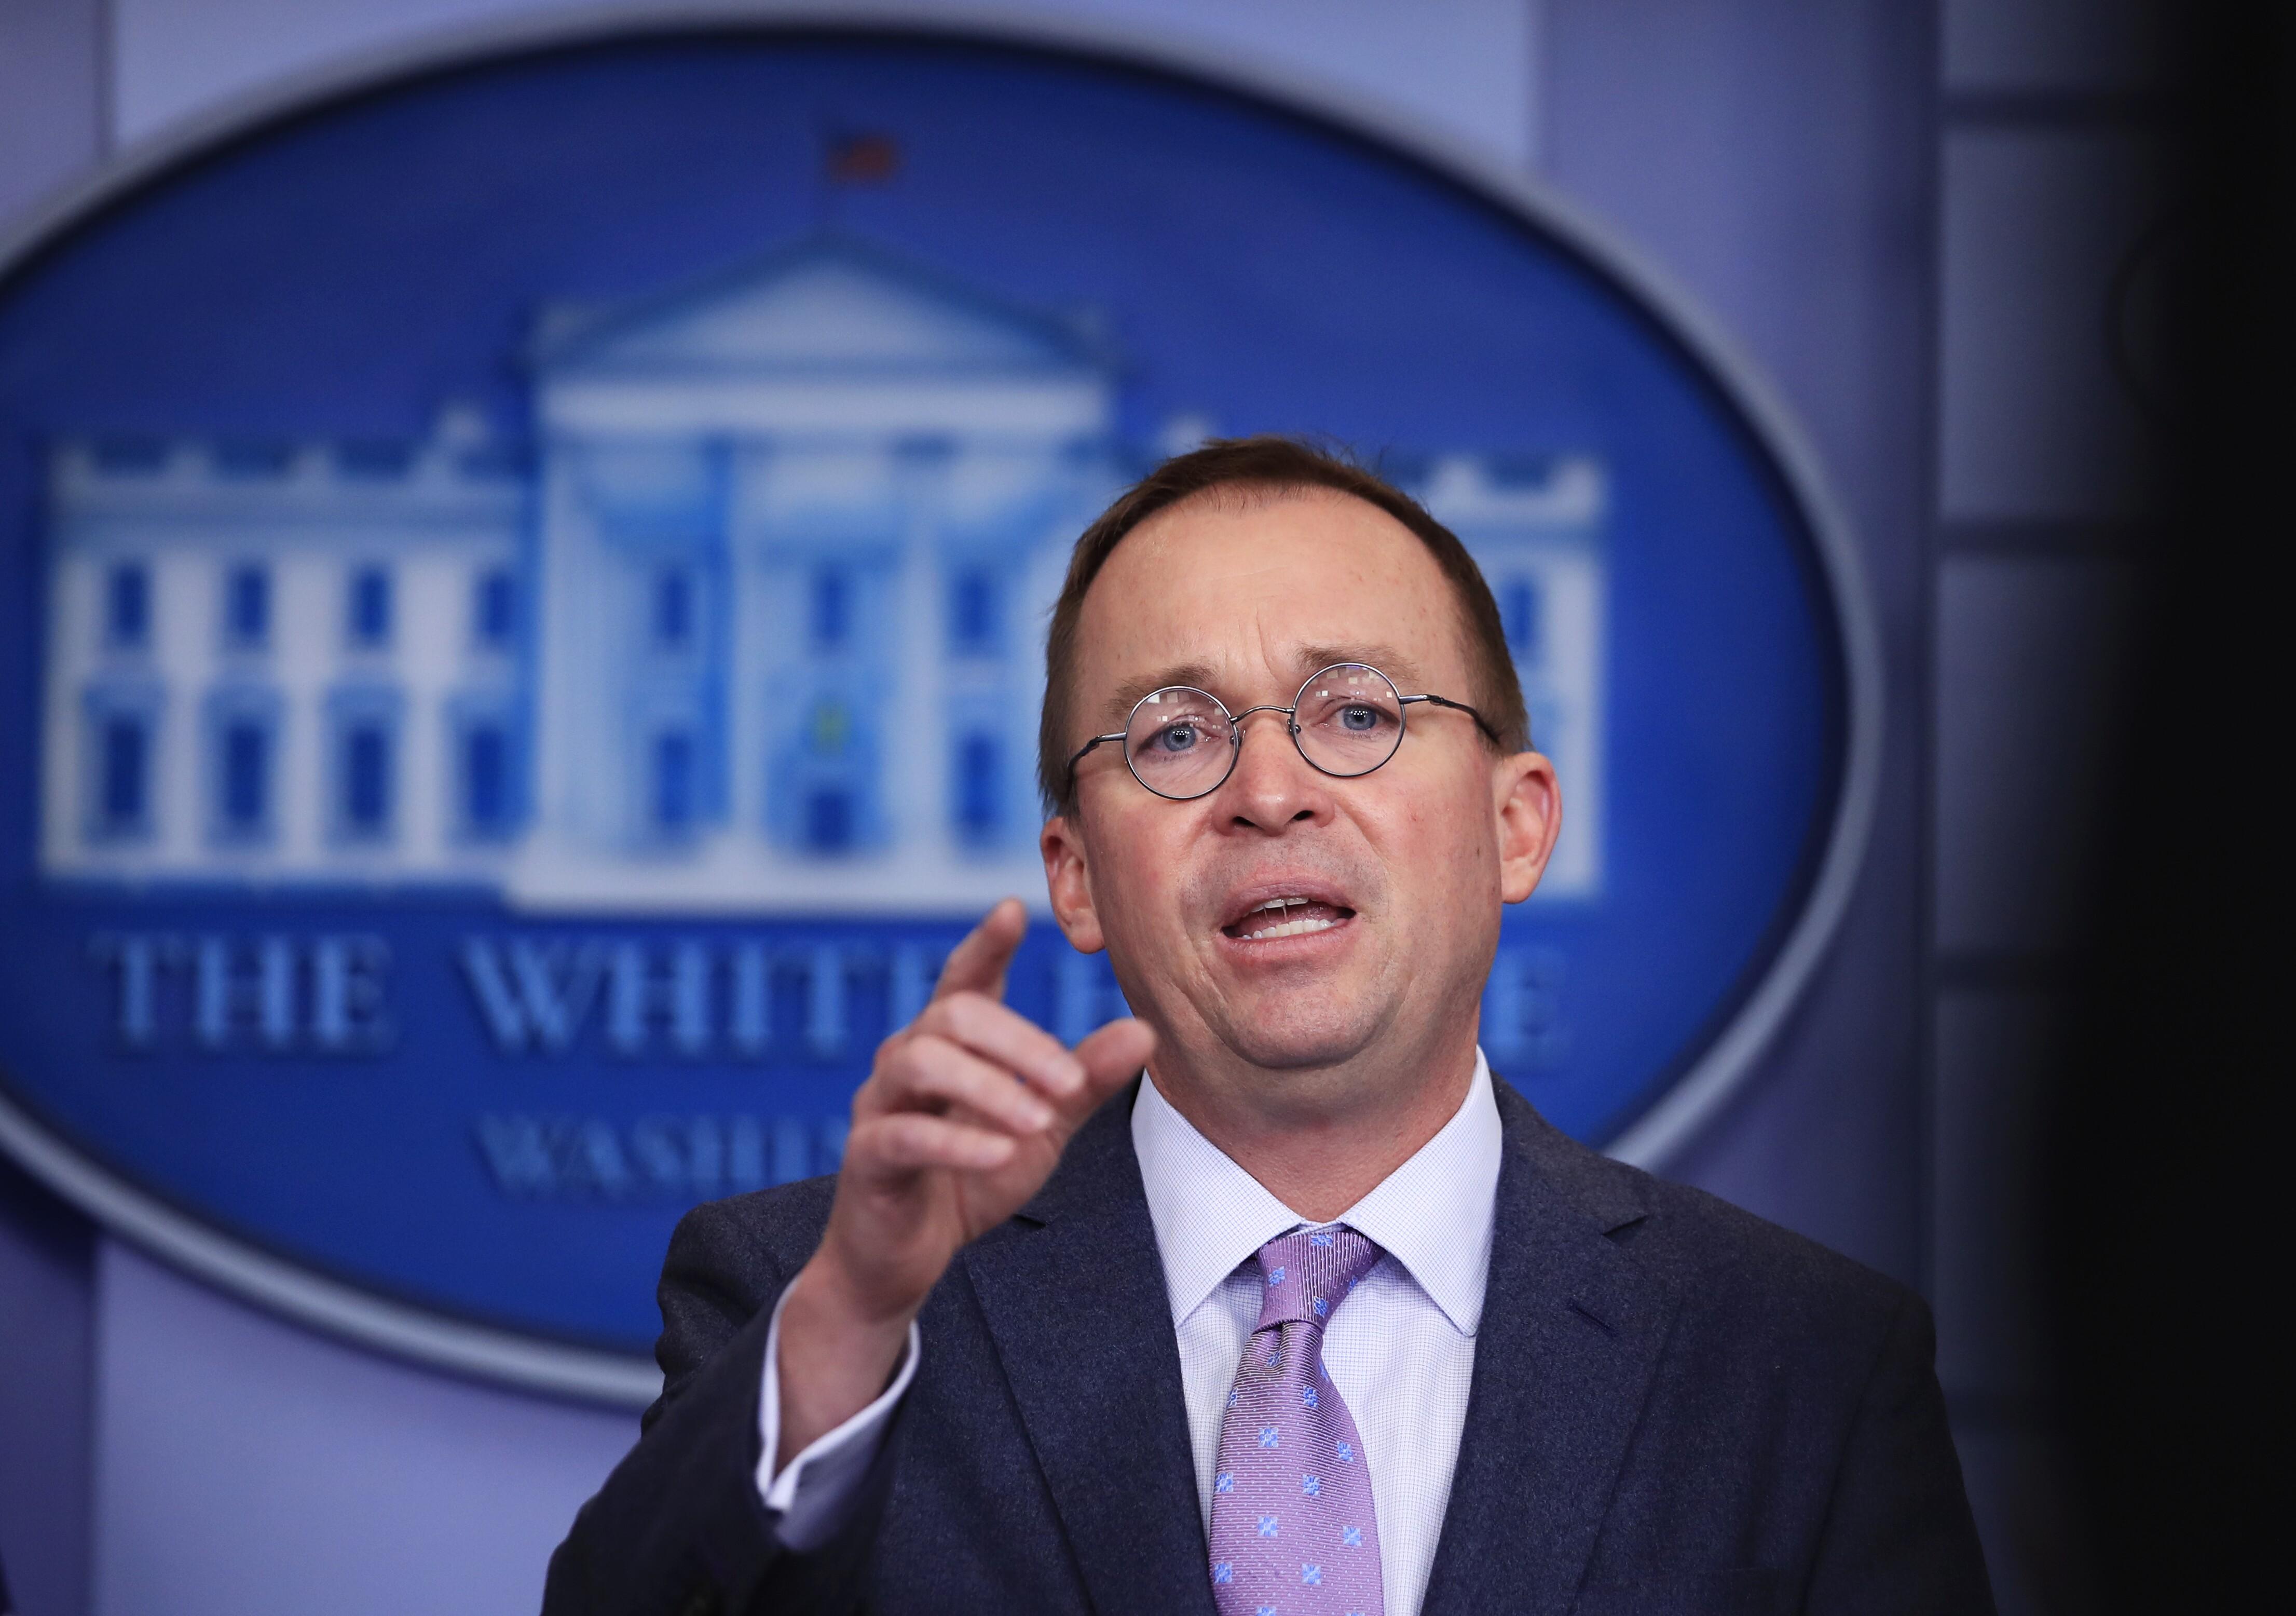 Senate Democrats warn Mick Mulvaney against repealing ...